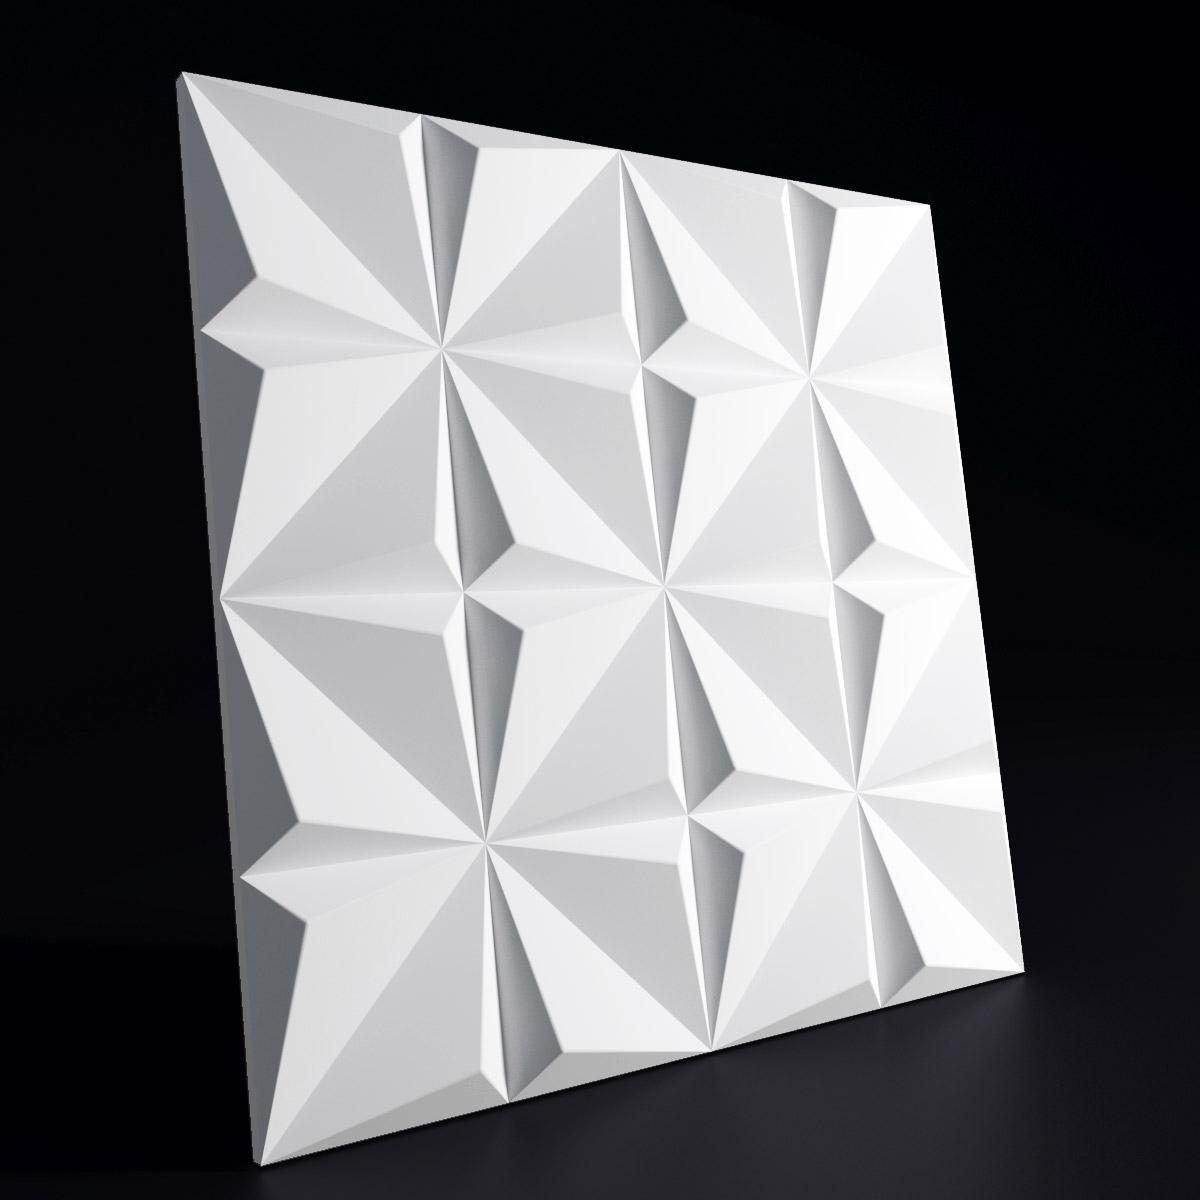 """Представляем Вашему вниманию дизайнерскую 3D панель из гипса """"СЛАЙС""""для интерьерного оформления стен."""